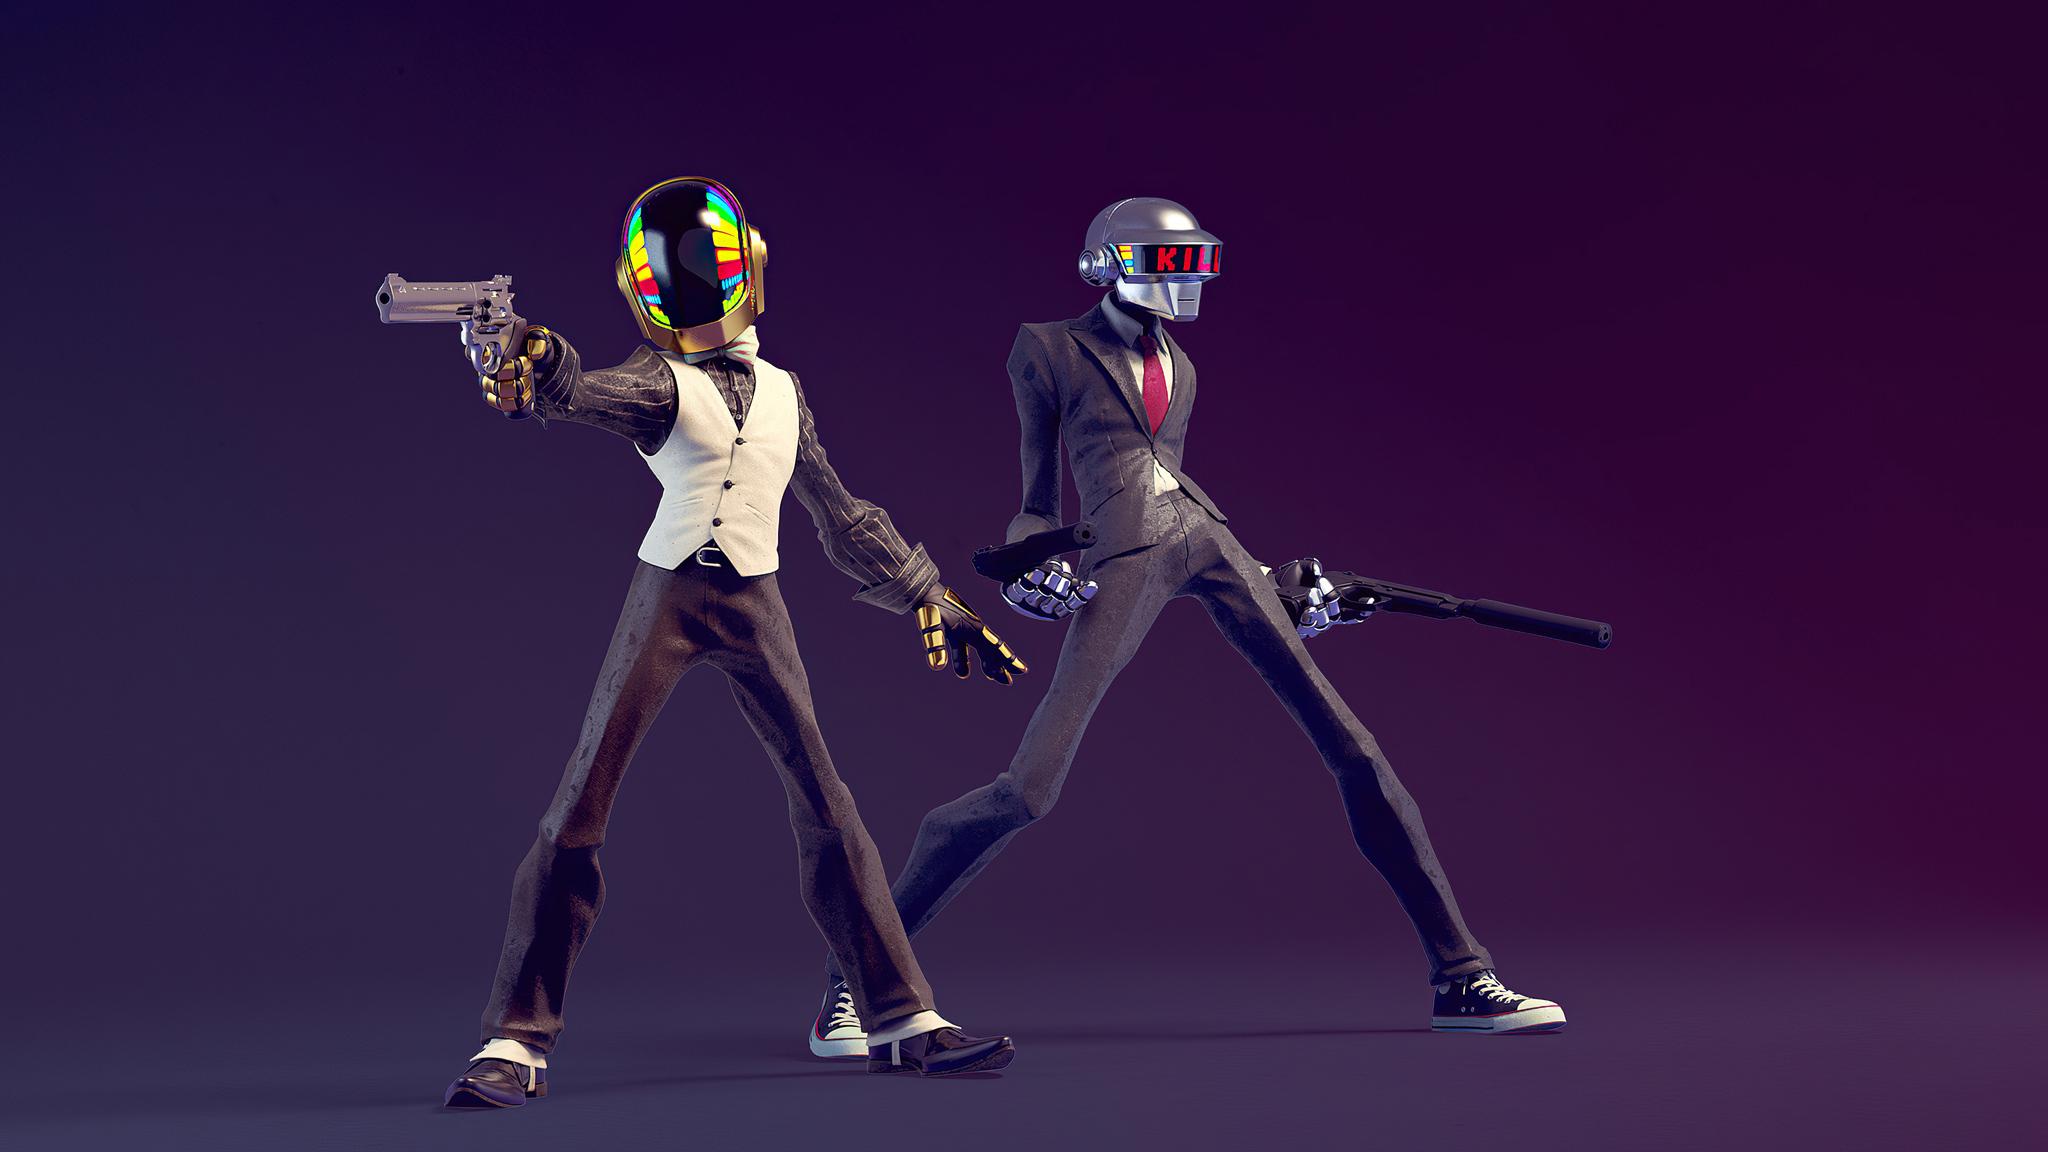 2048x1152 Daft Punk Do You Feel Lucky 4k 2048x1152 ...